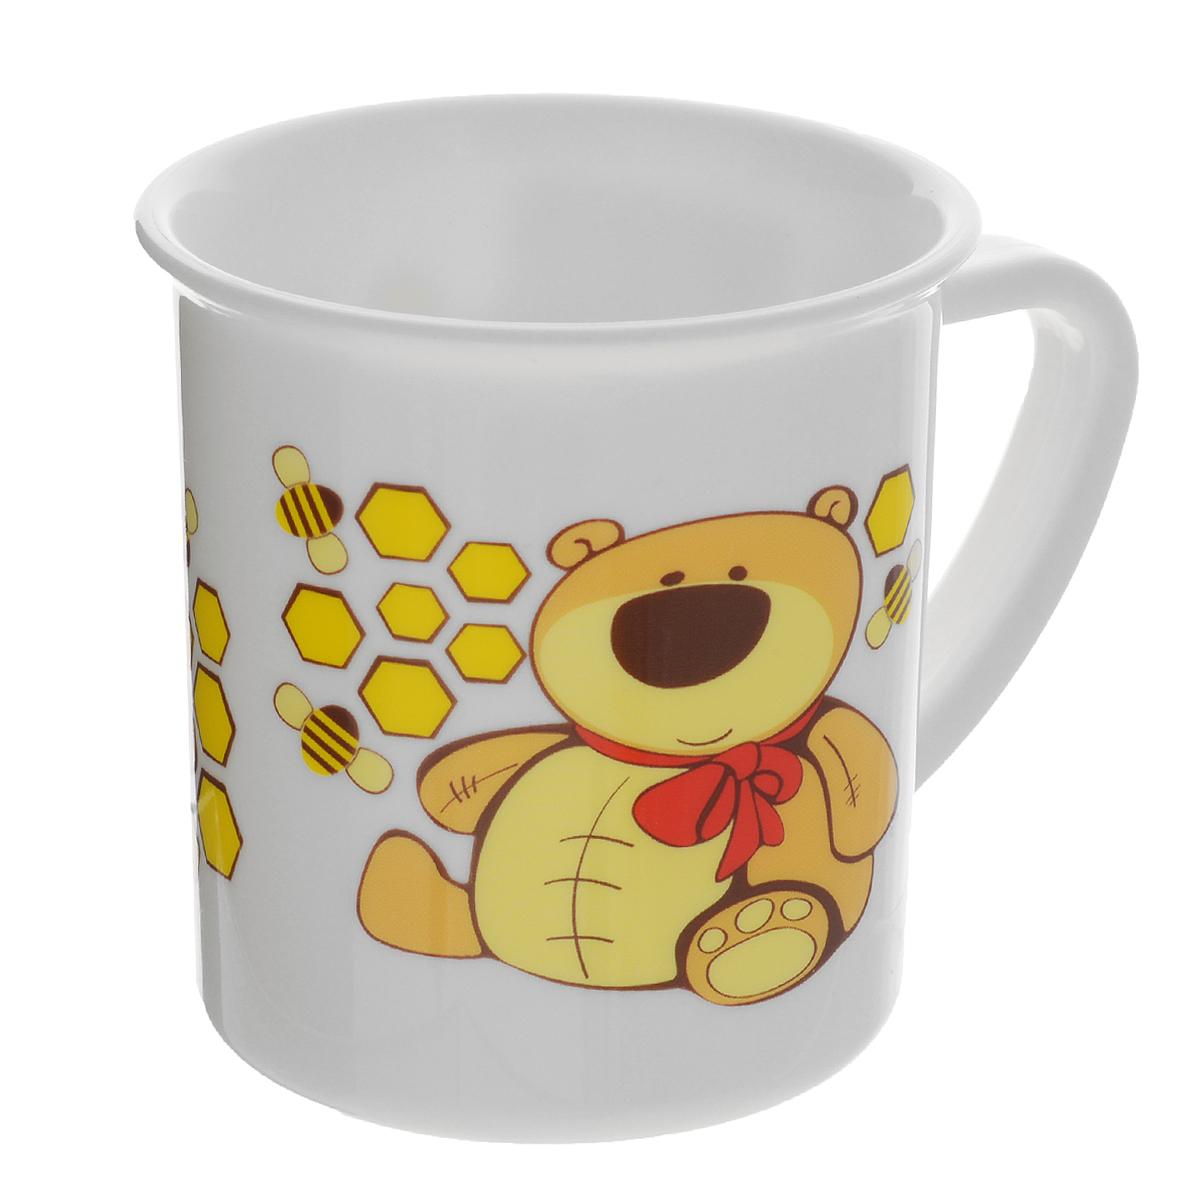 Canpol Babies Чашка детская Мишка цвет желтый чашка для яйца colour caro